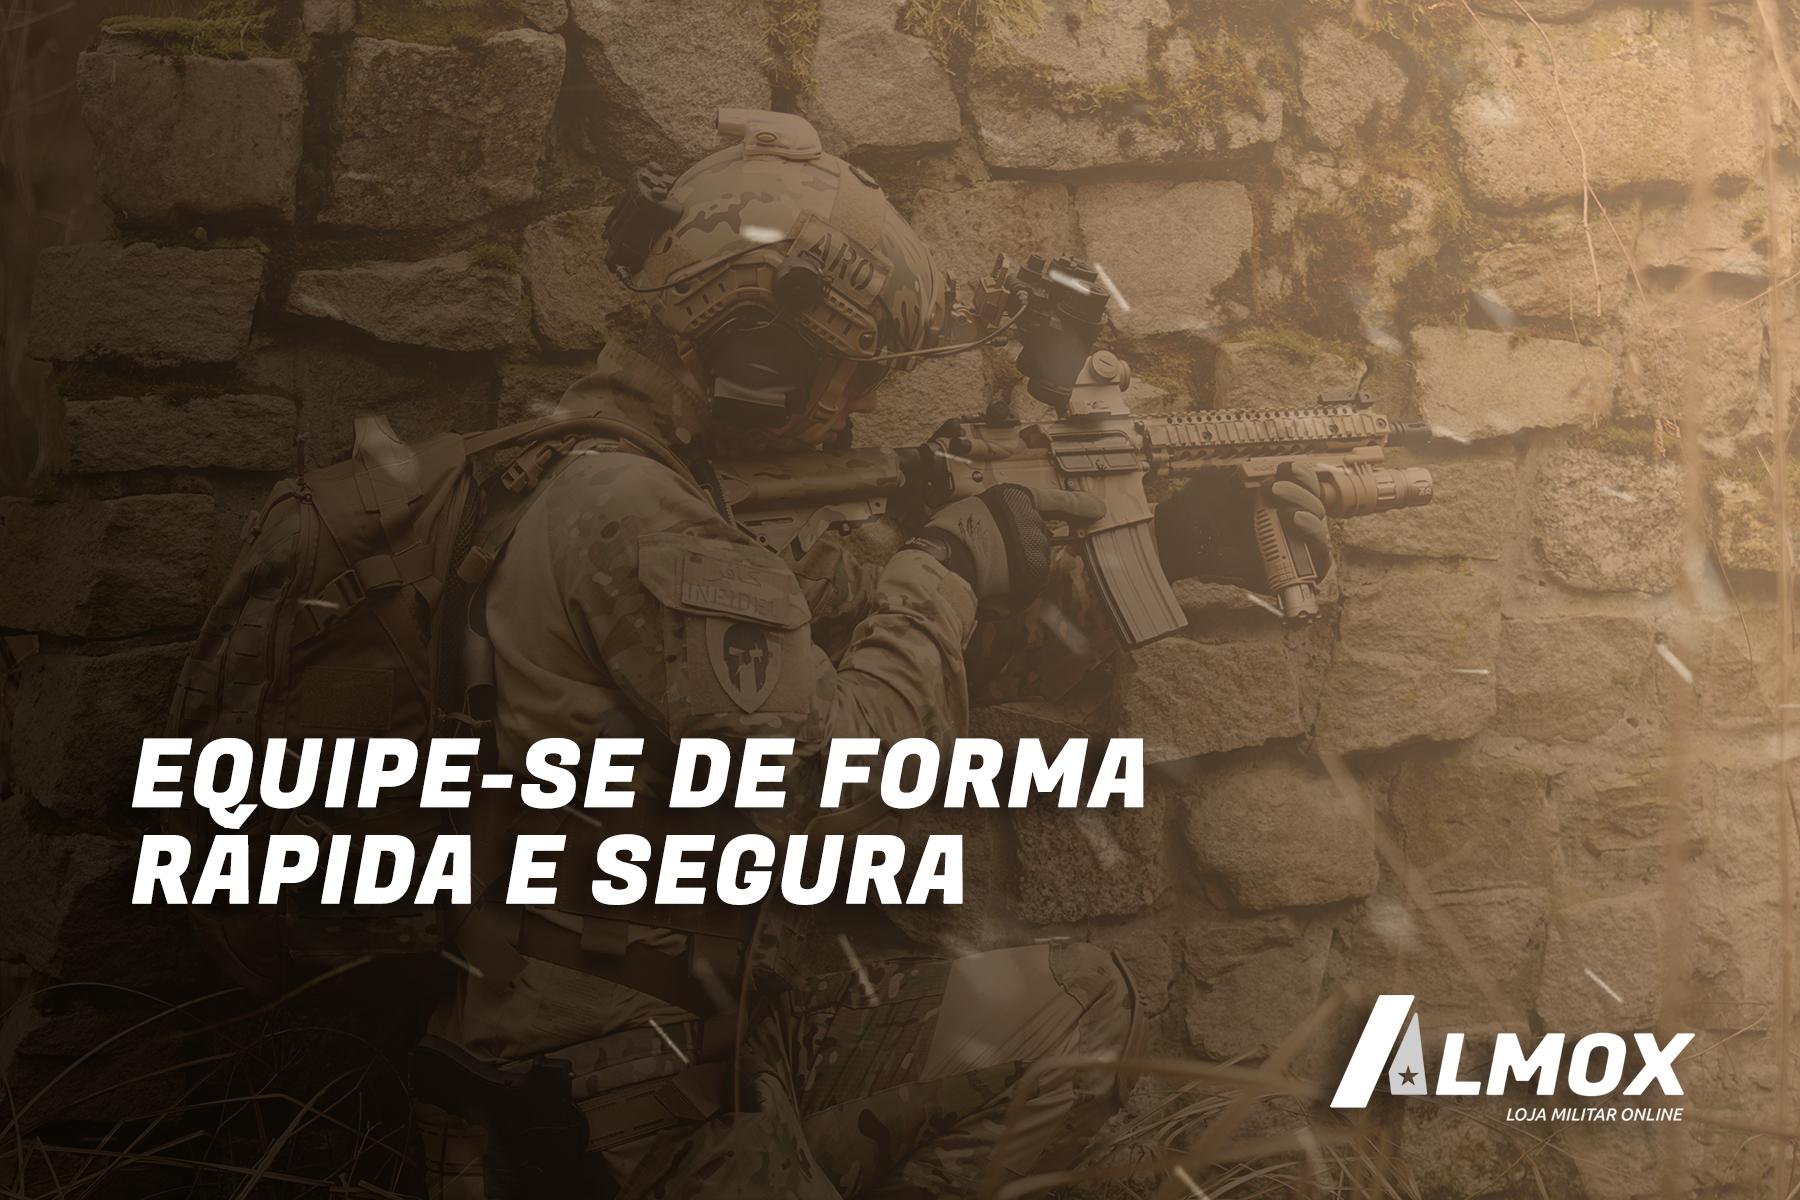 Almox Militar, loja de artigos militares e equipamentos. Está pronto para vir com a gente?